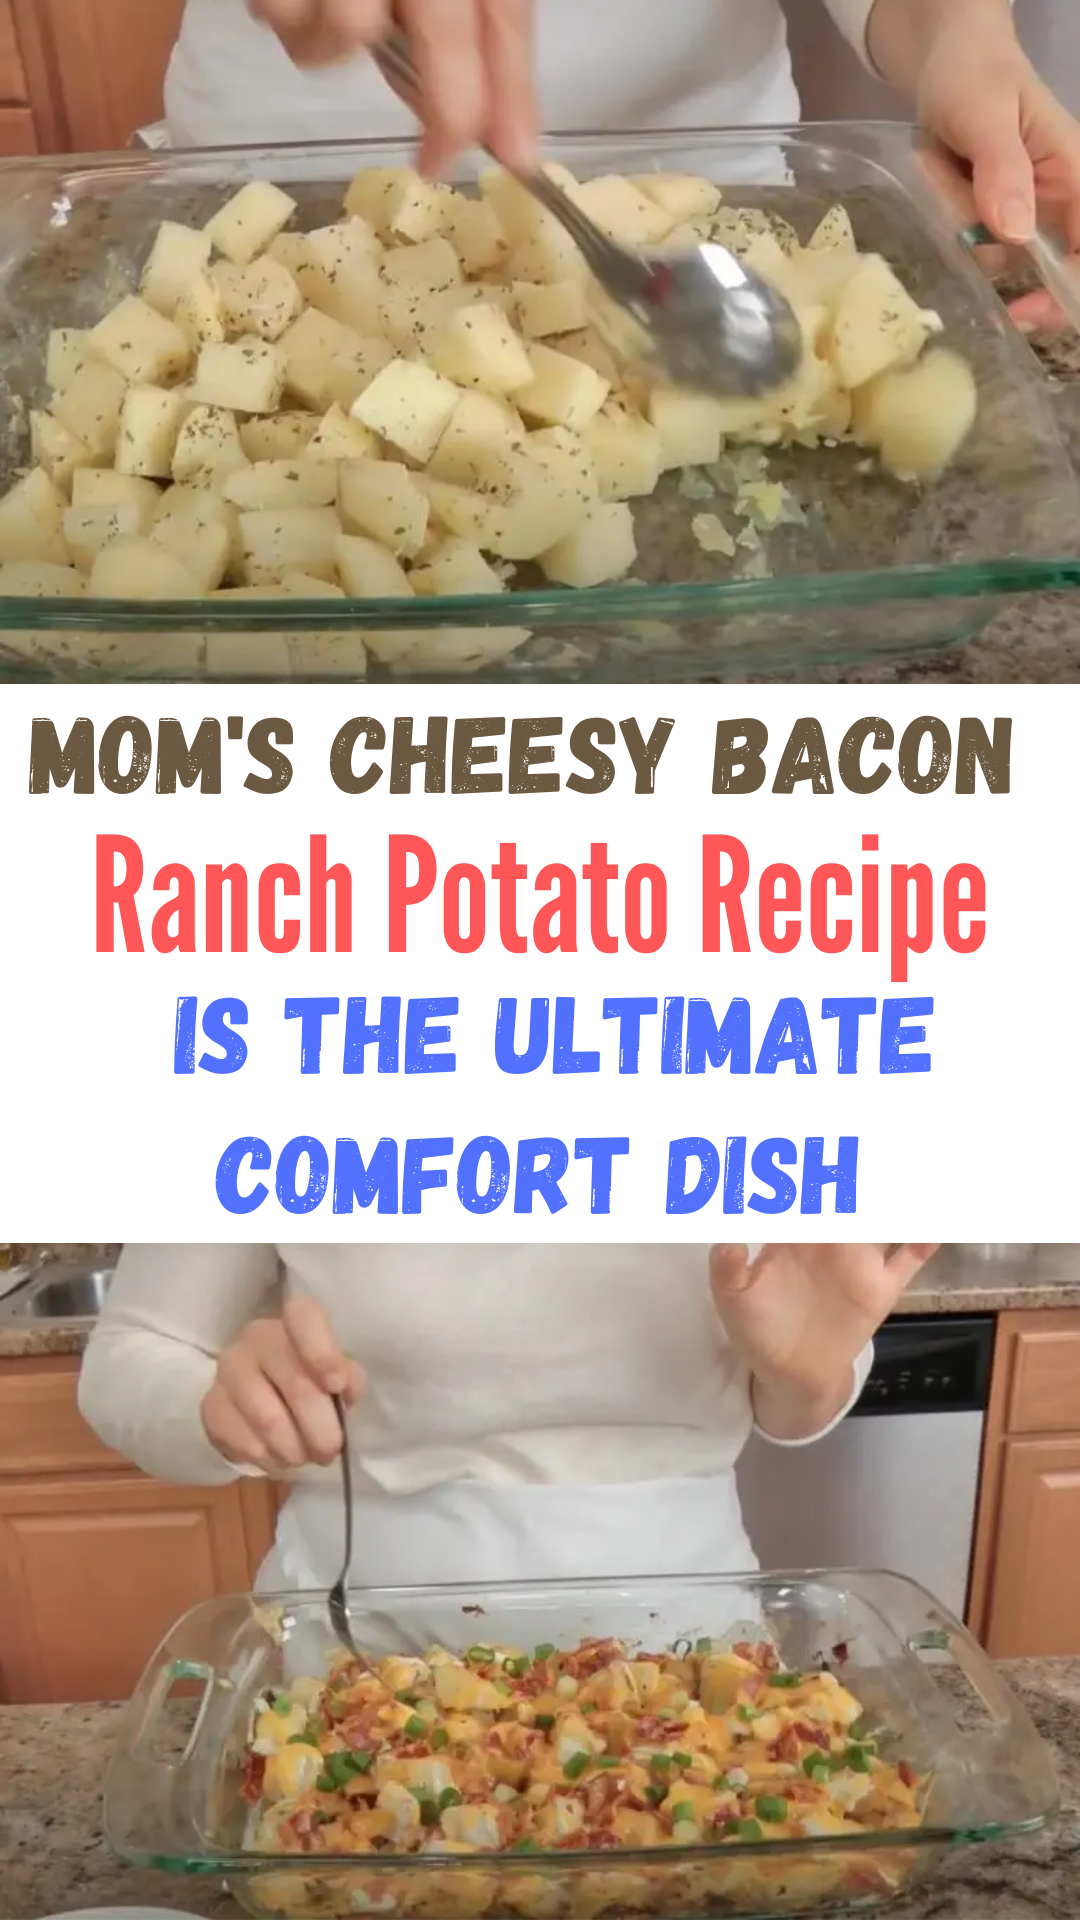 Mom's Cheesy Bacon Ranch Potato Recipe Is The Ulti